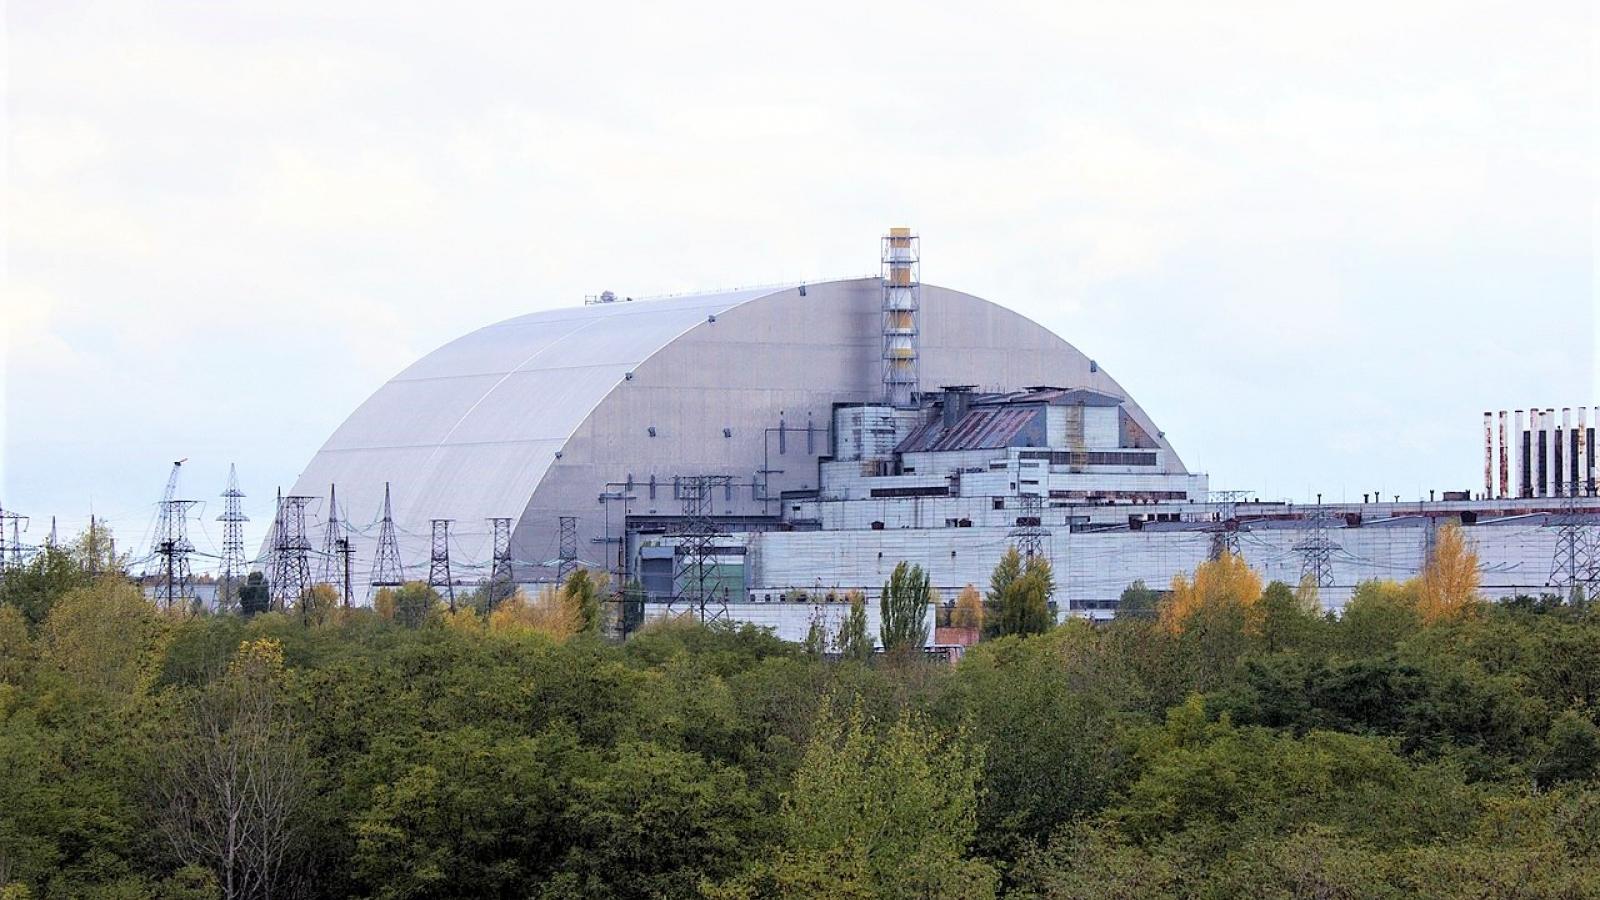 Liên Xô từng cố gắng che giấu quy mô của thảm họa Chernobyl như thế nào?